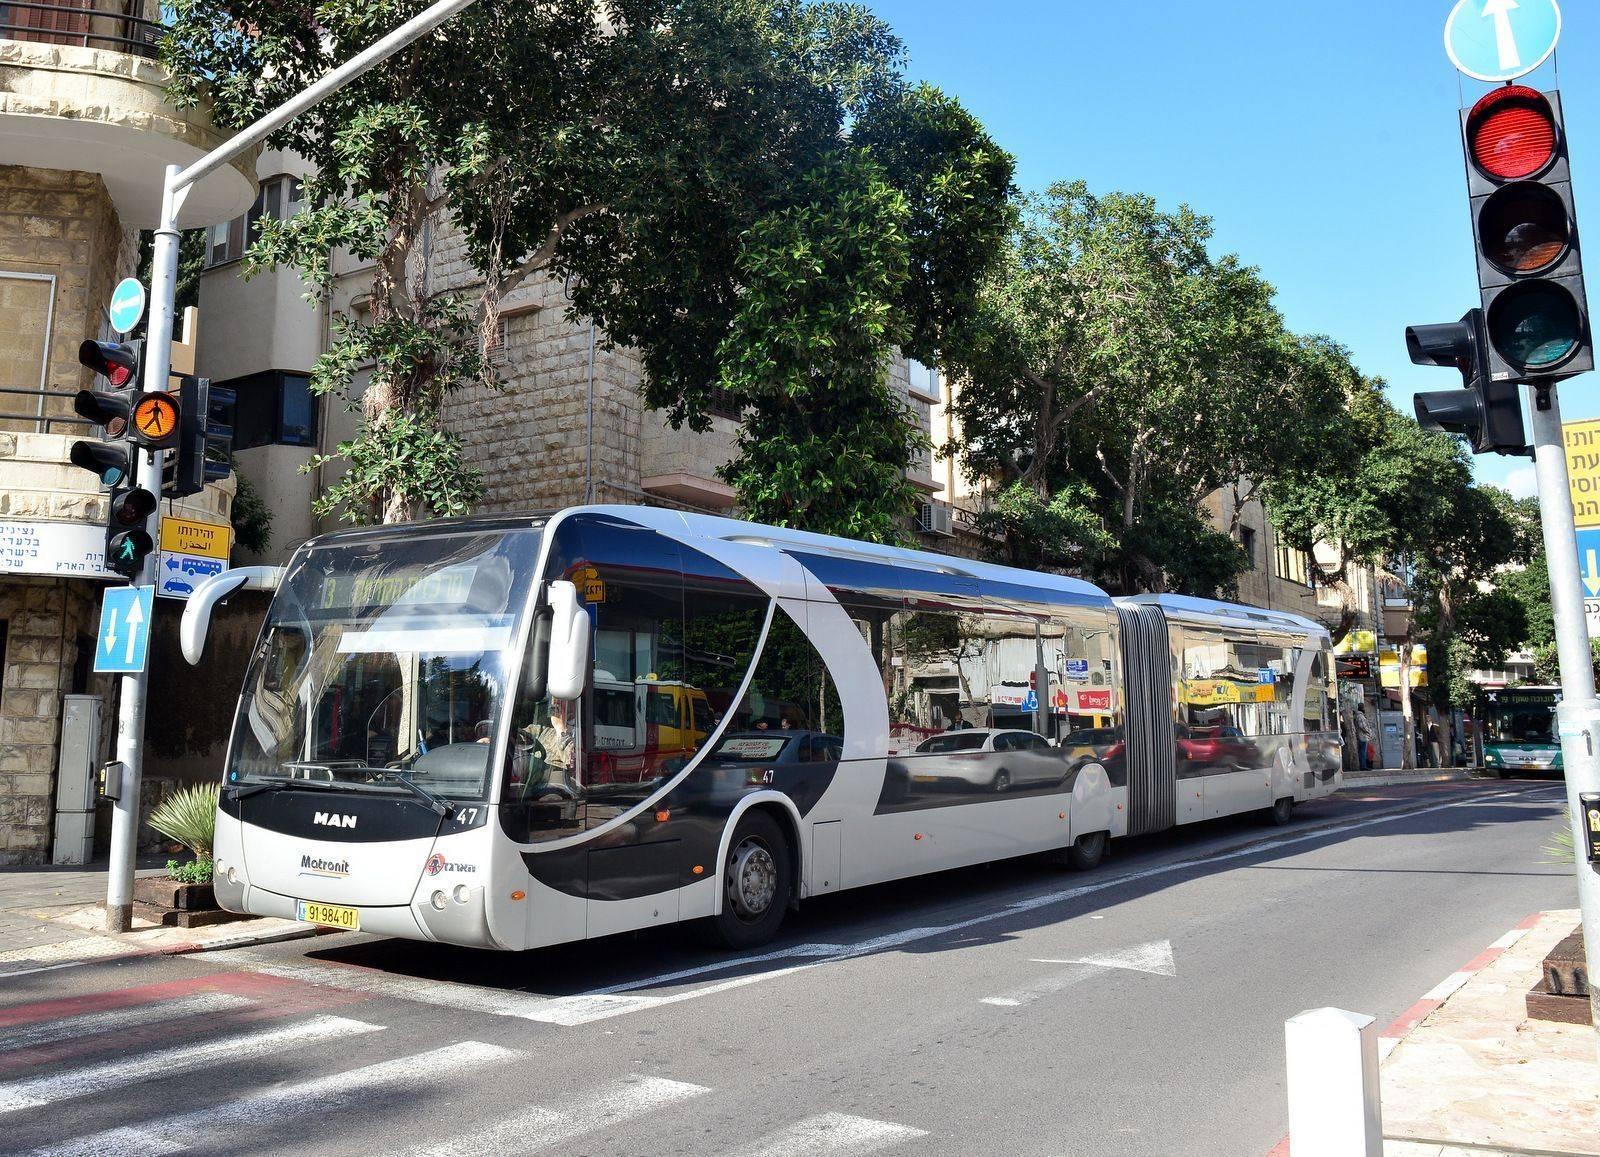 Аренда авто в израиле 2021. важные советы и рекомендации